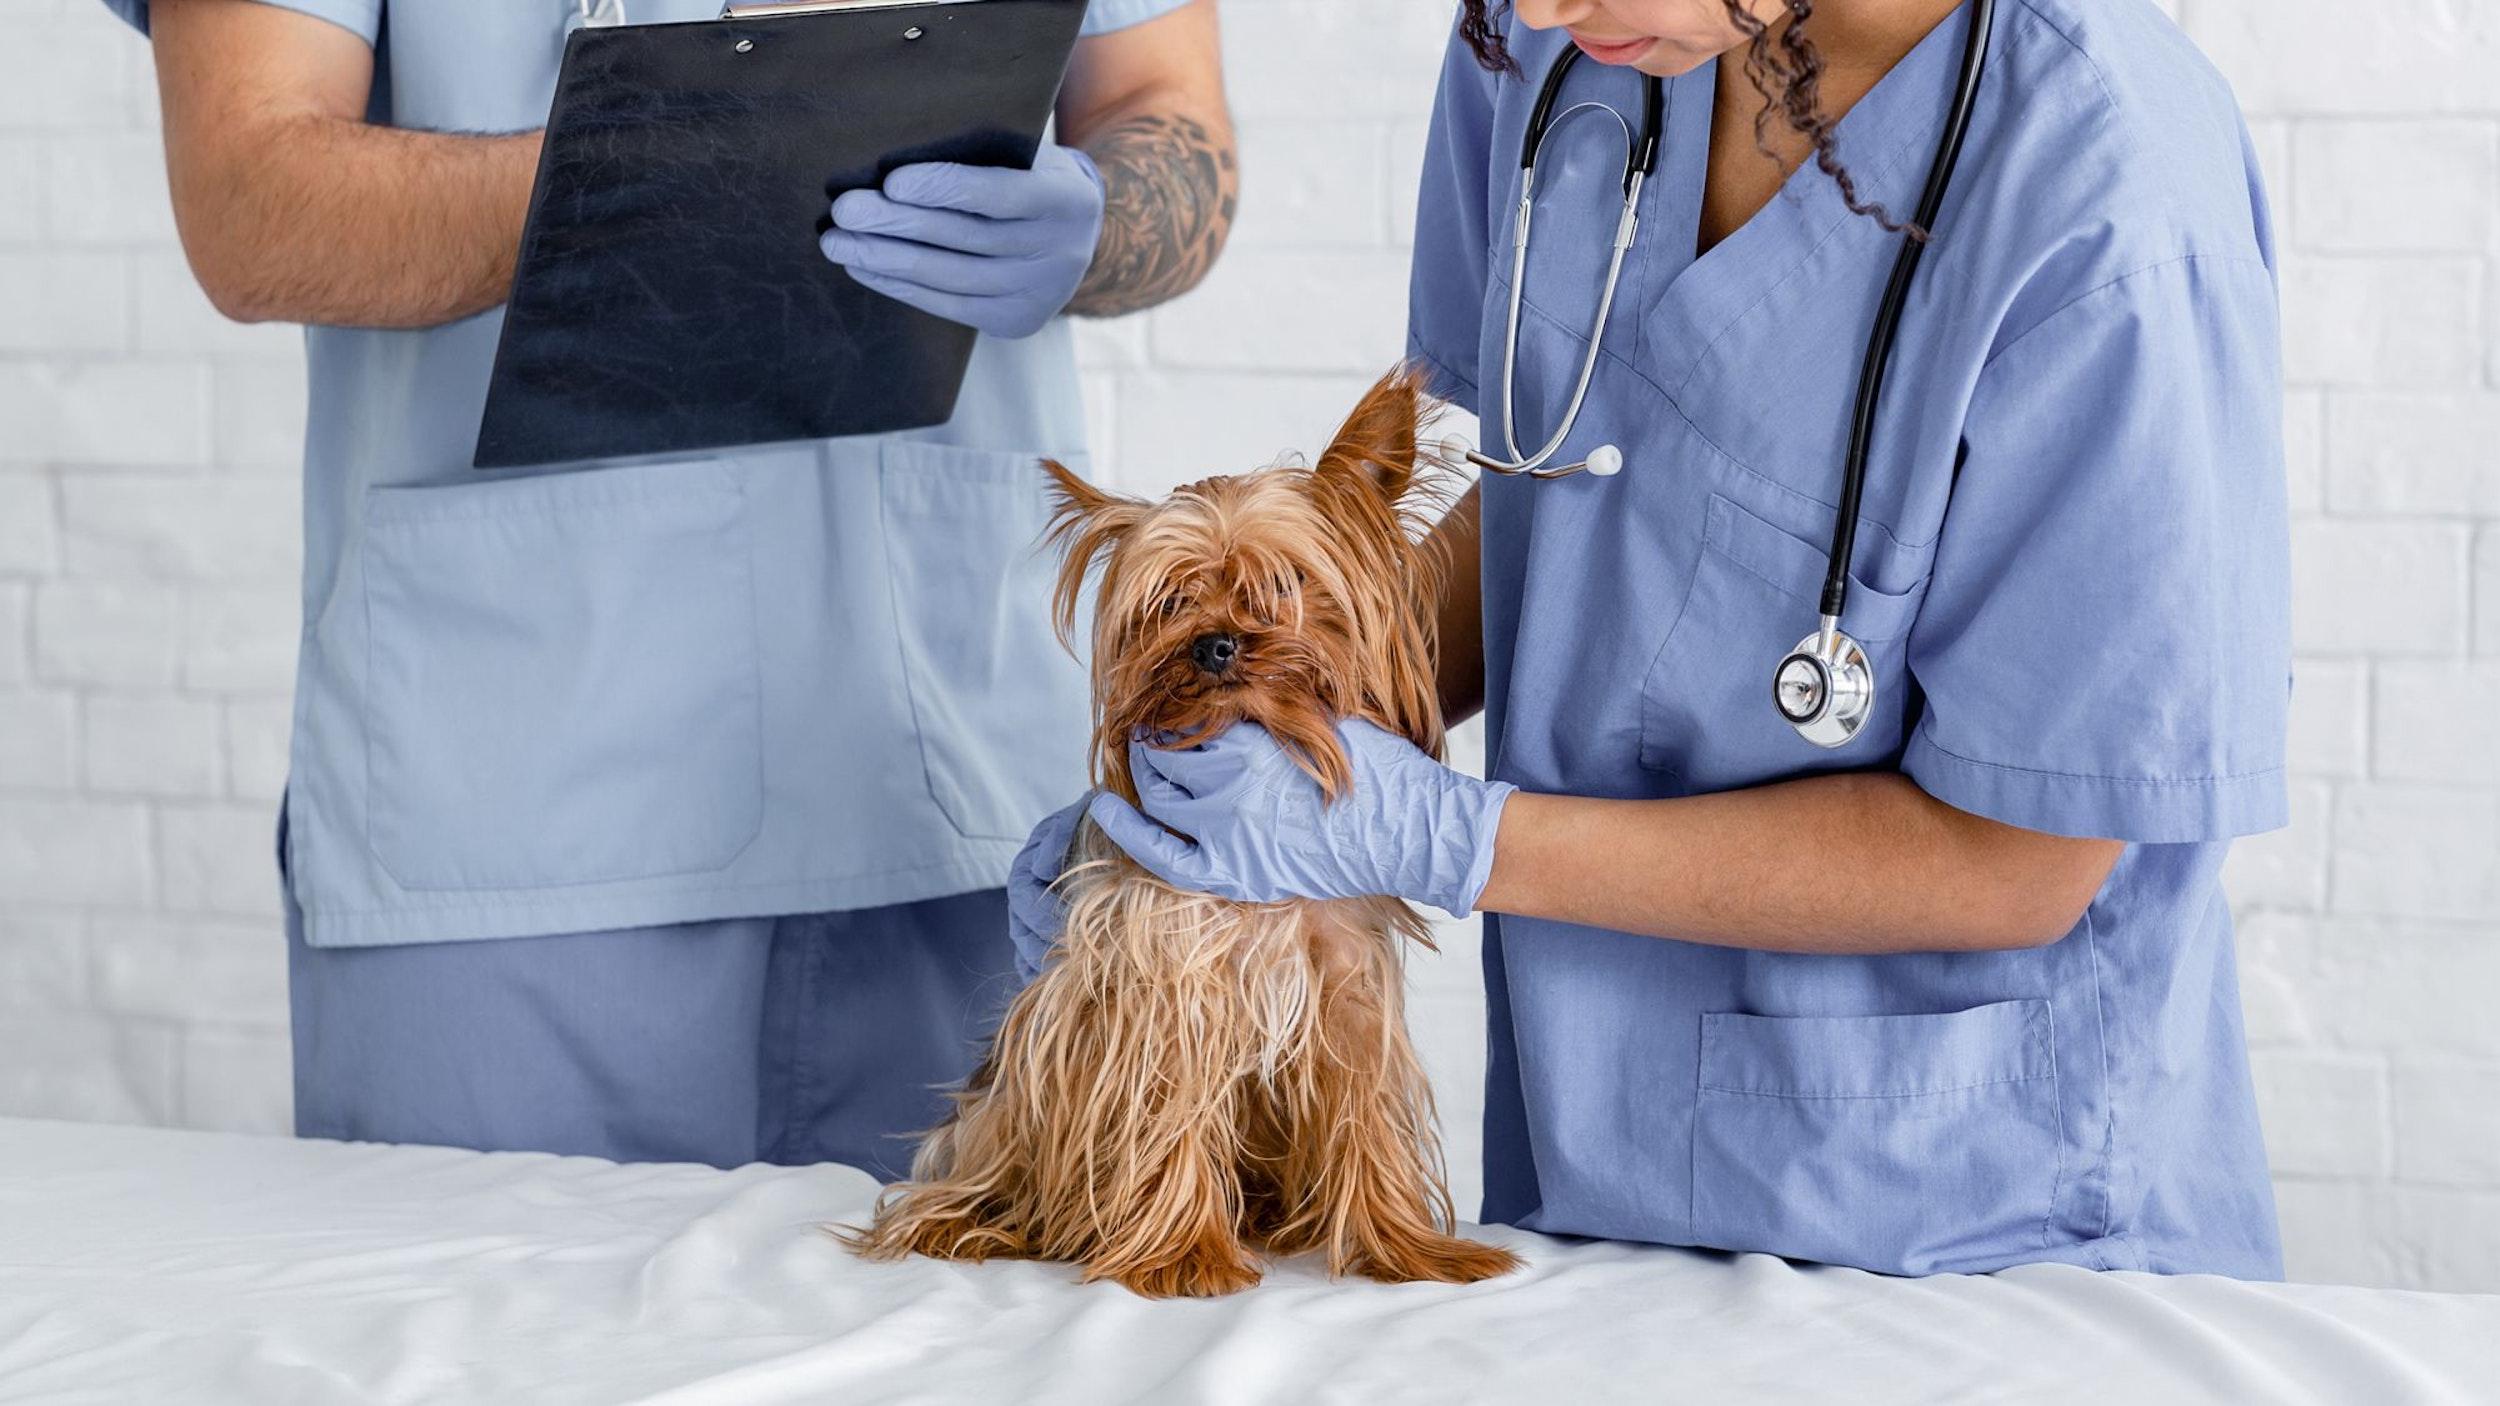 Zwei Tierärztin untersuchen einen braunen Hund.